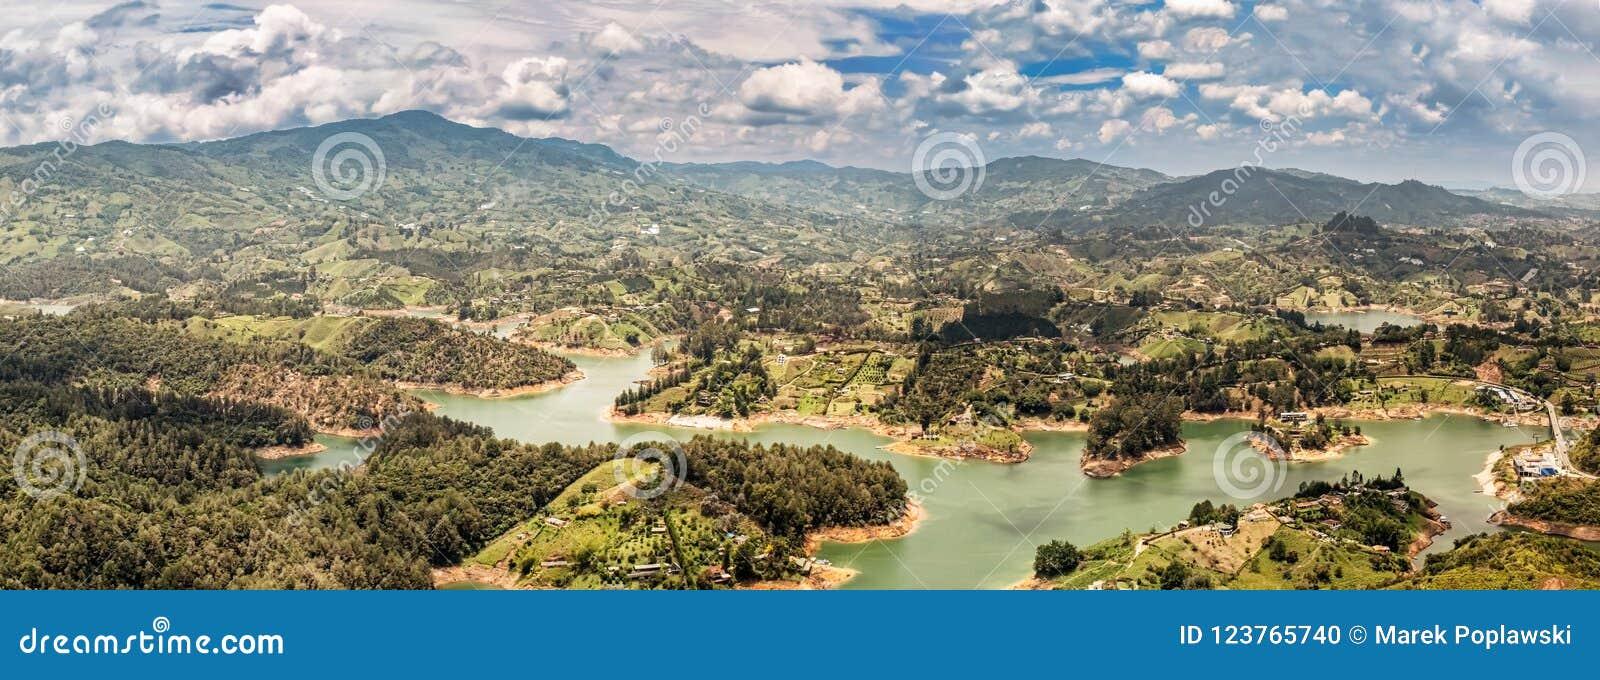 Vista aérea de Guatape, Penol, lago de la presa en Colombia